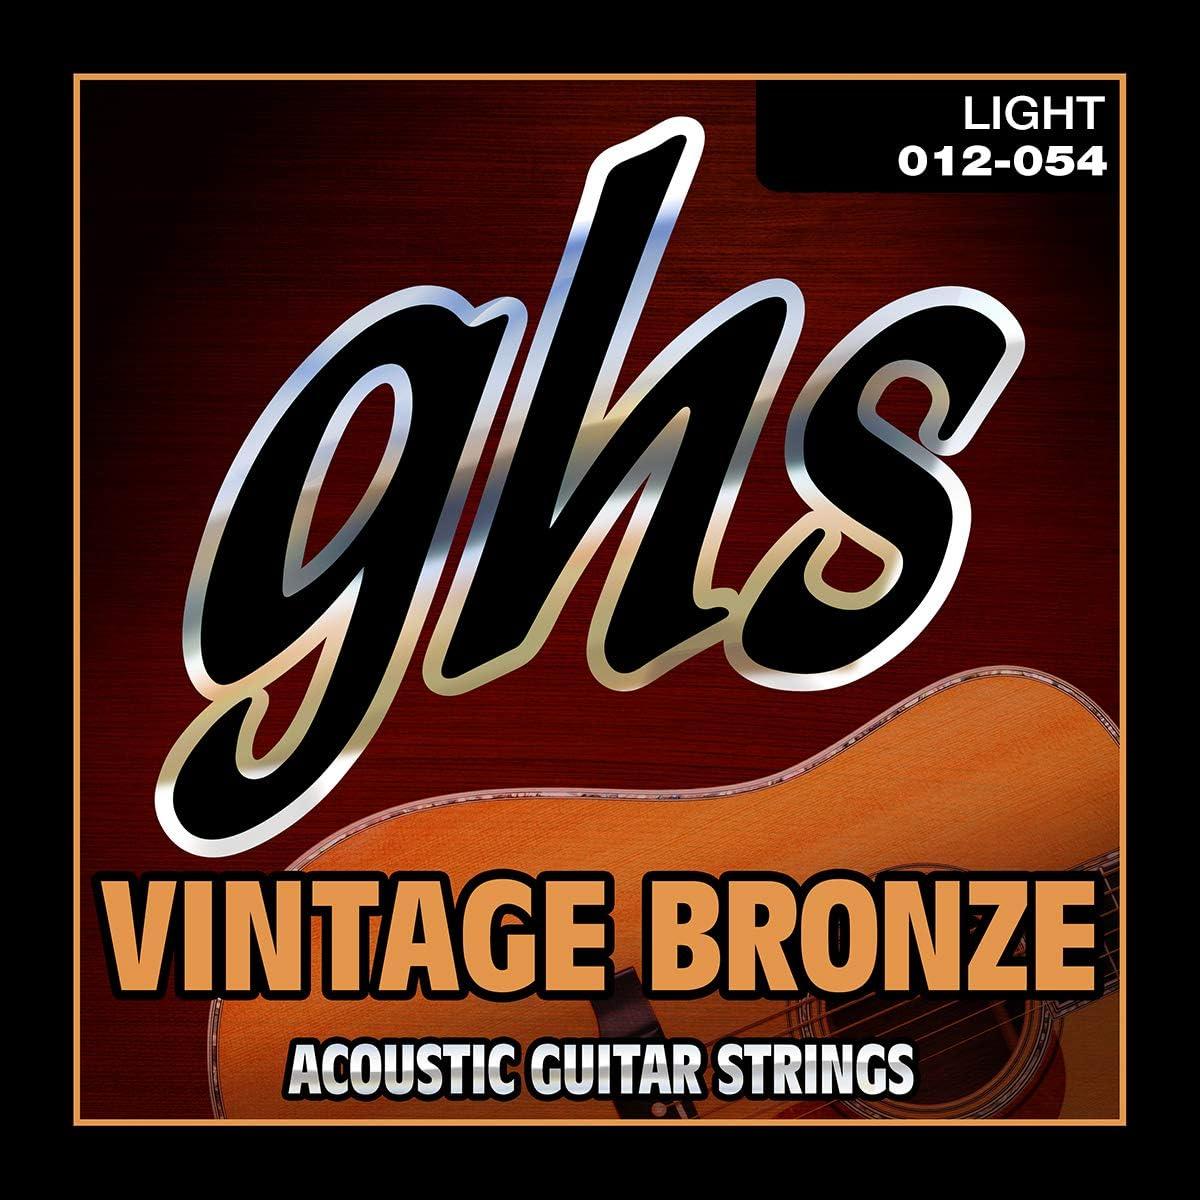 GHS VNL 12-54 Luz Vintage Bronce Acoustic Set Cuerda